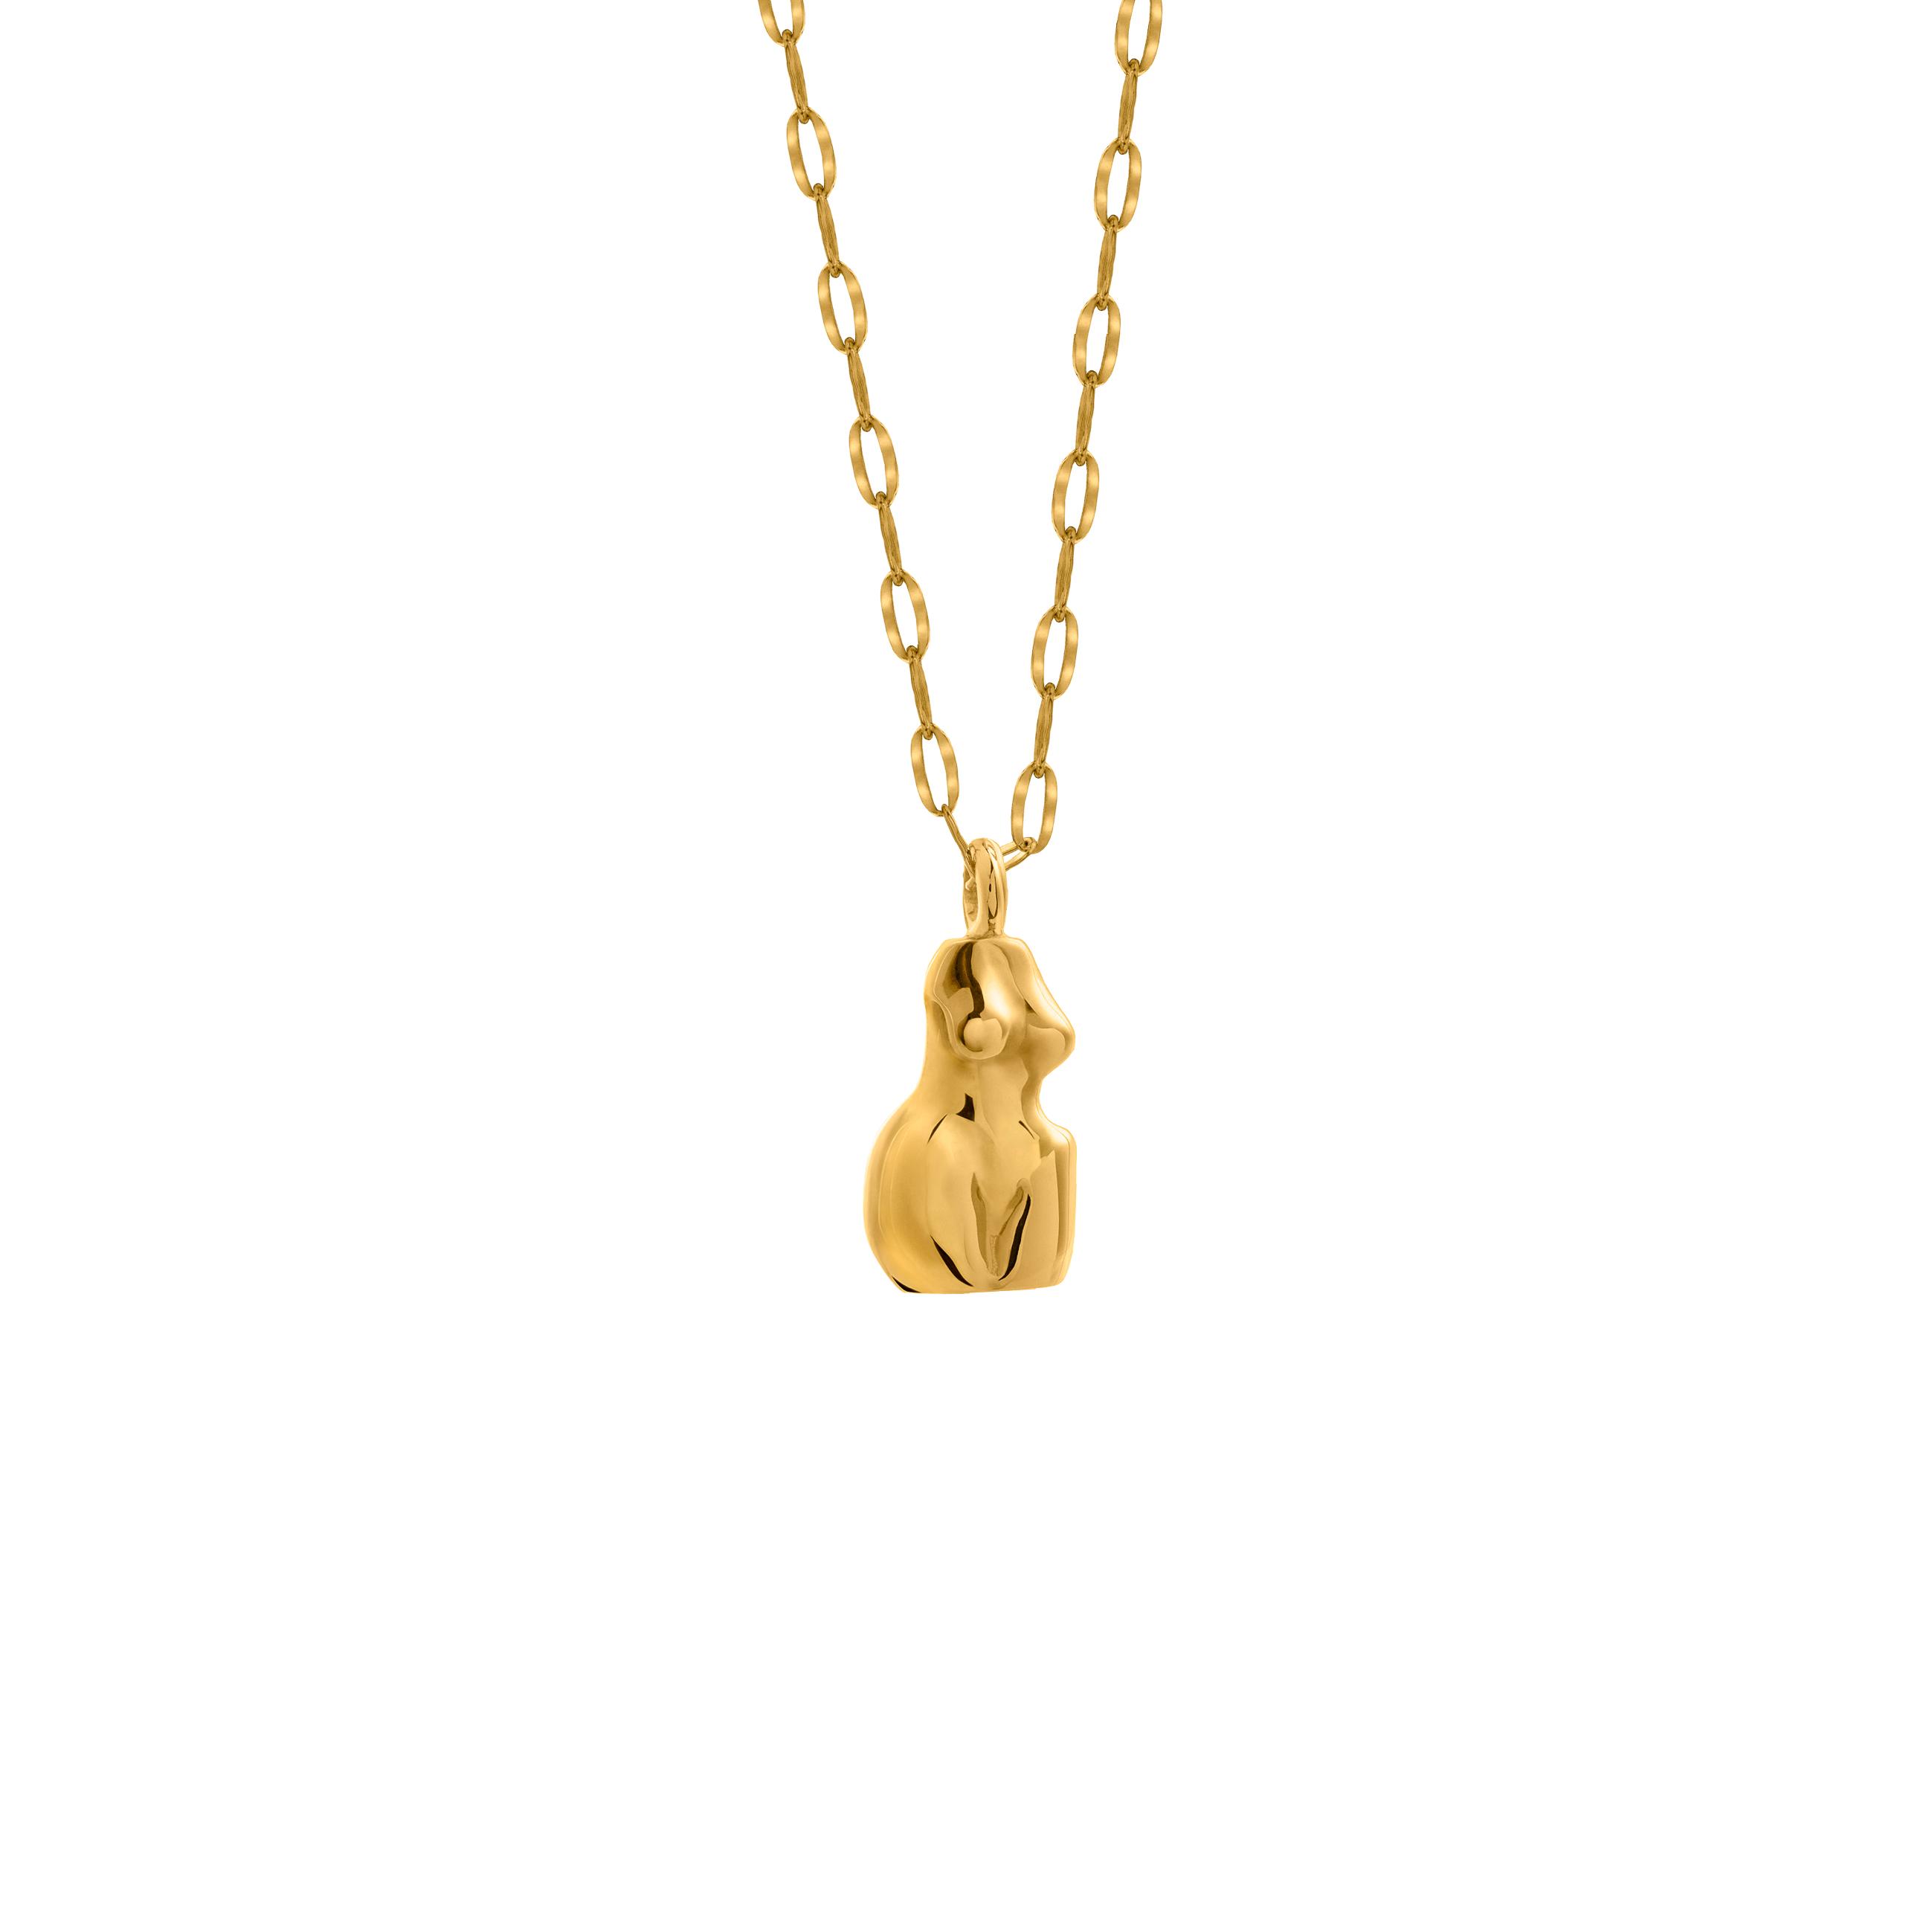 woman necklace 3D / gold